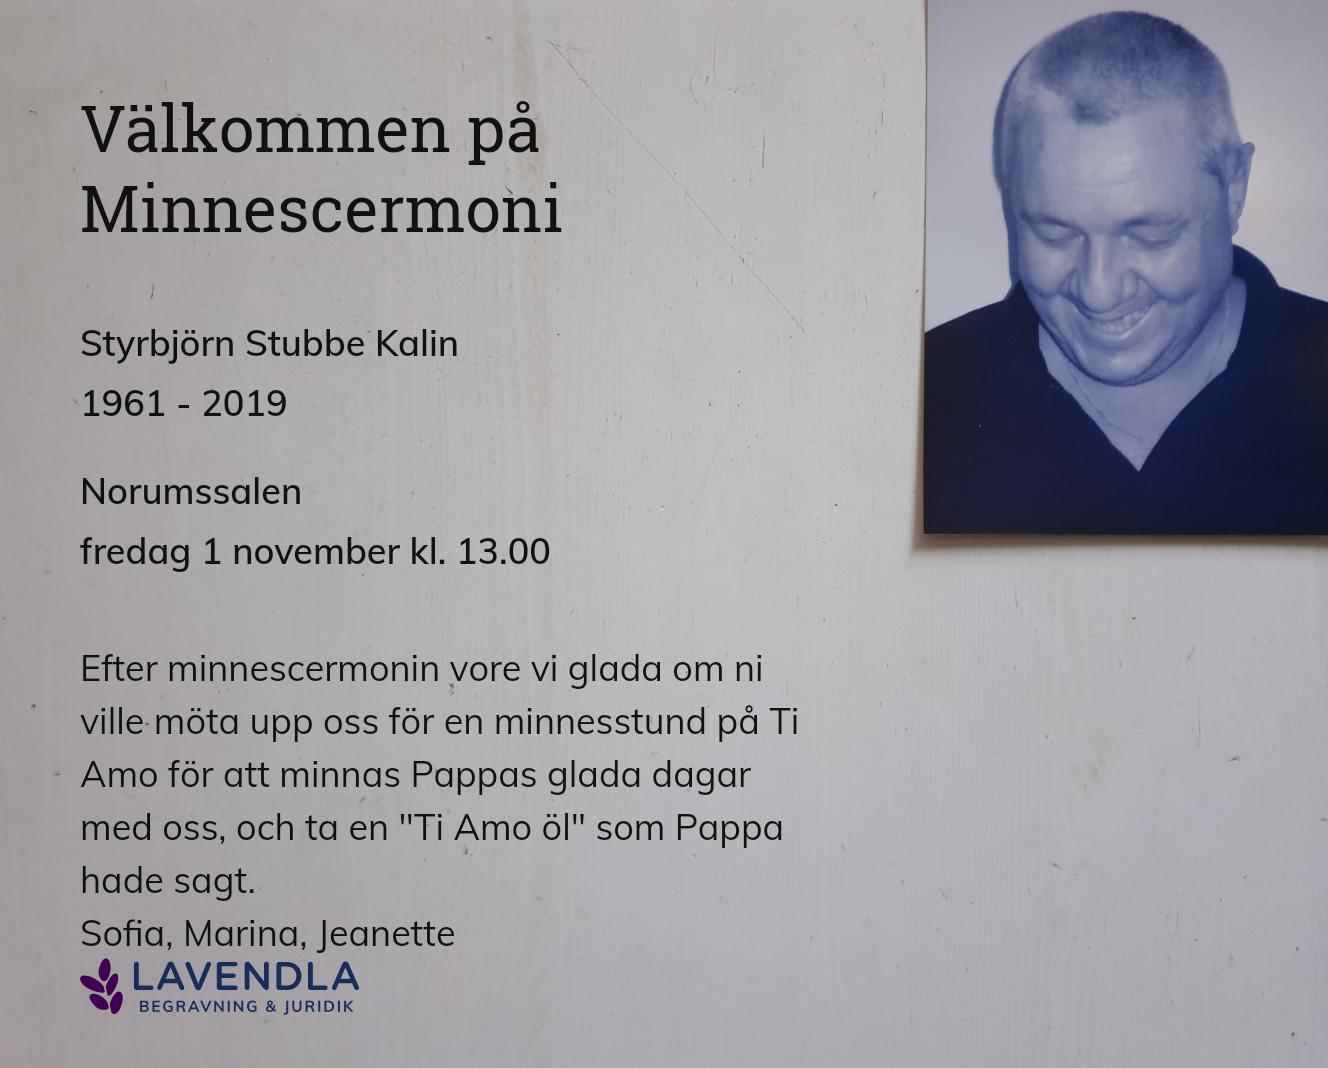 Inbjudningskort till ceremonin för Styrbjörn Stubbe Kalin